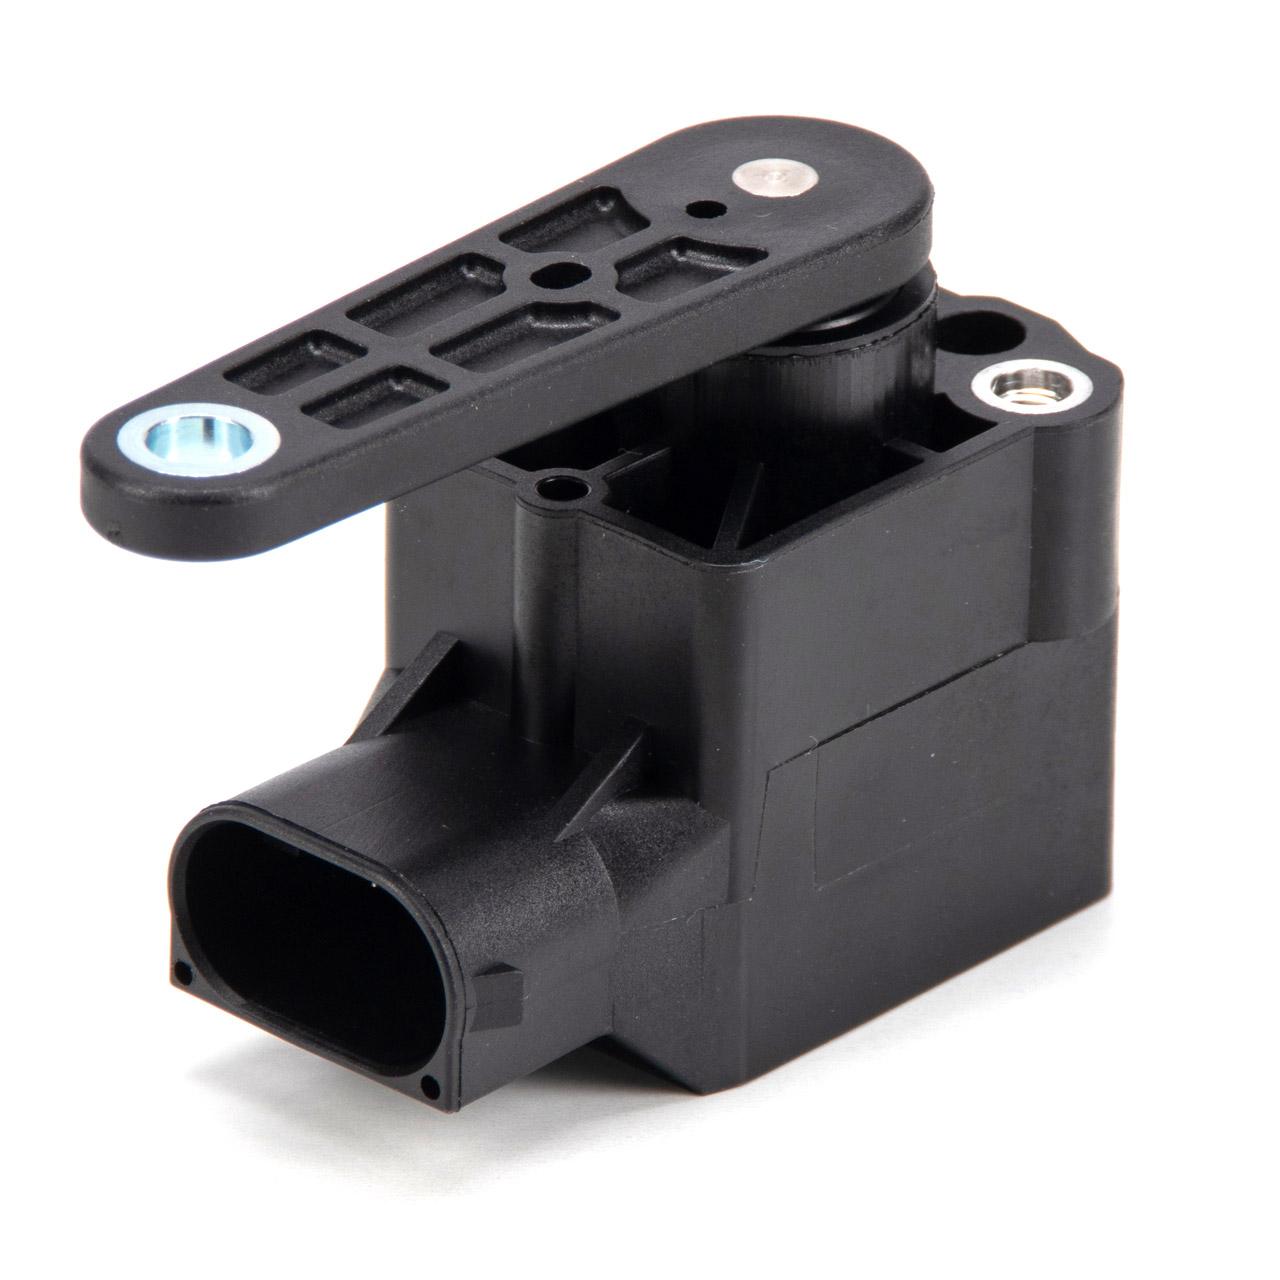 Niveausensor Xenonlicht Leuchtweitensensor für PORSCHE 996 Boxster (986) 99663112100